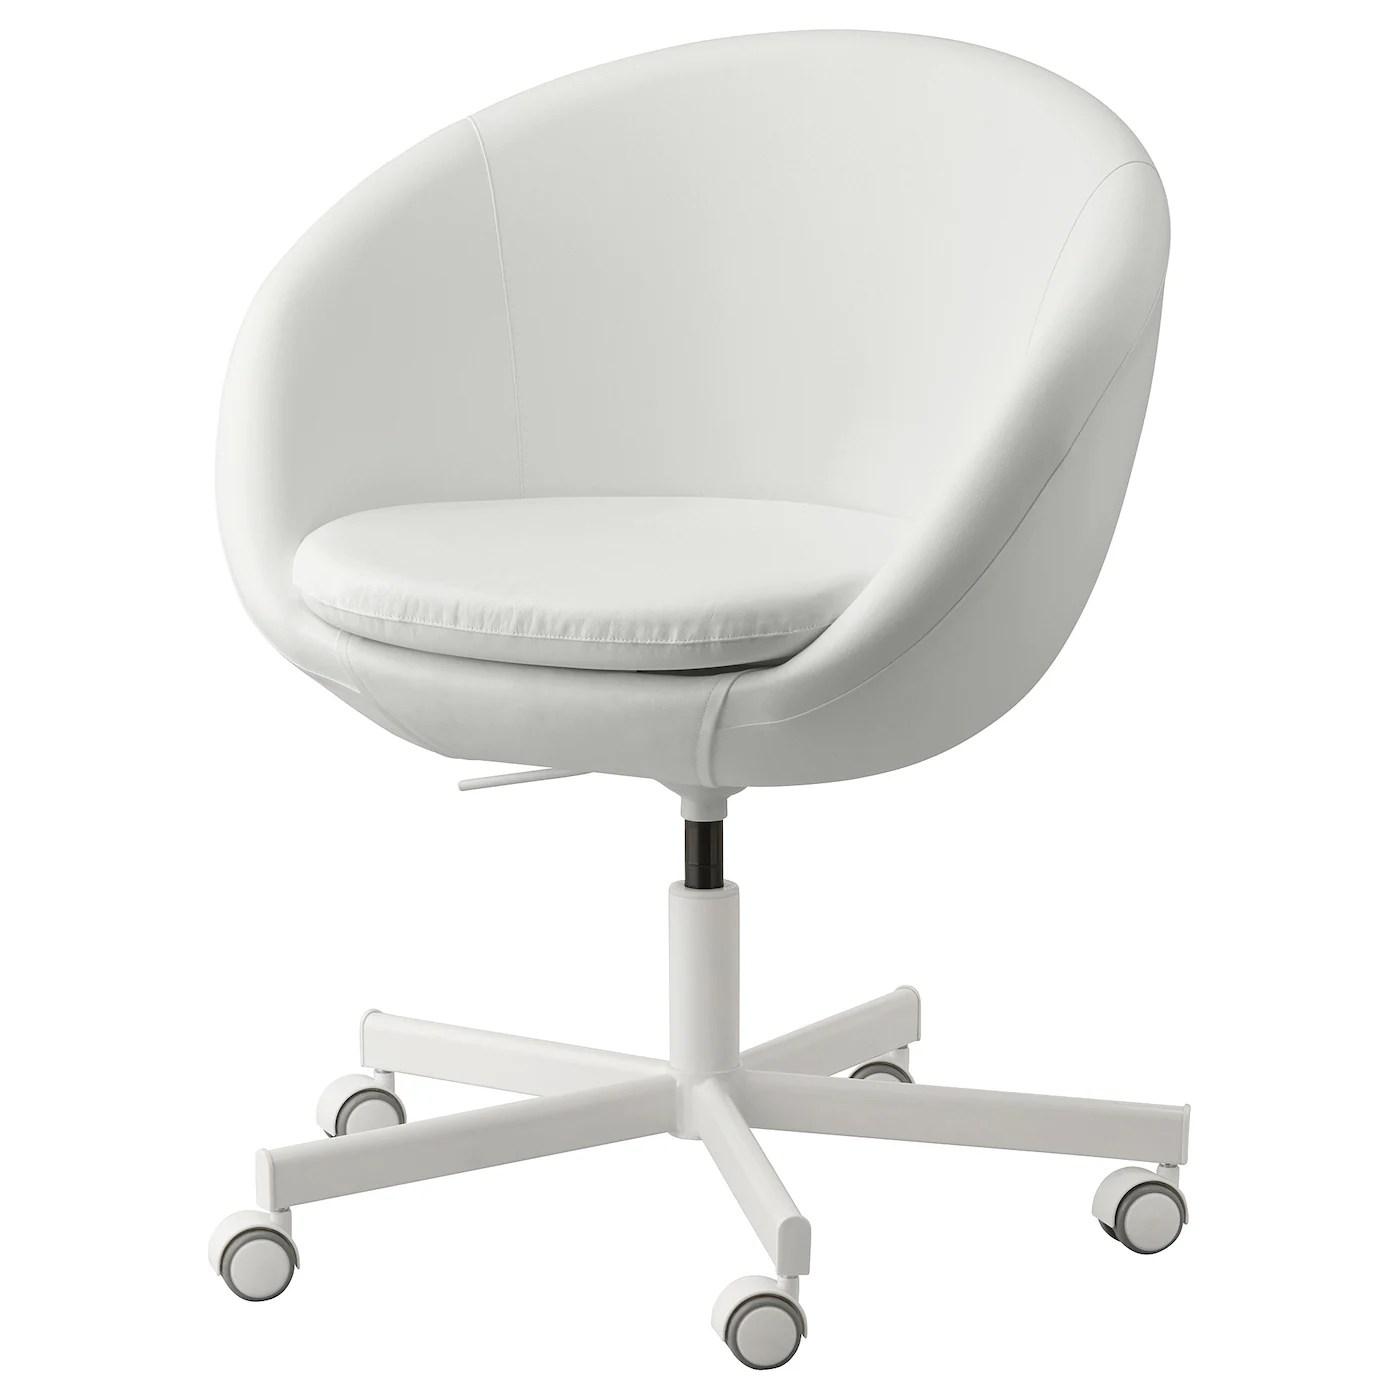 Veramente affascinante la versione di questa sedia da ufficio in pelle artificiale bianca. Skruvsta Sedia Girevole Ysane Bianco Ikea It